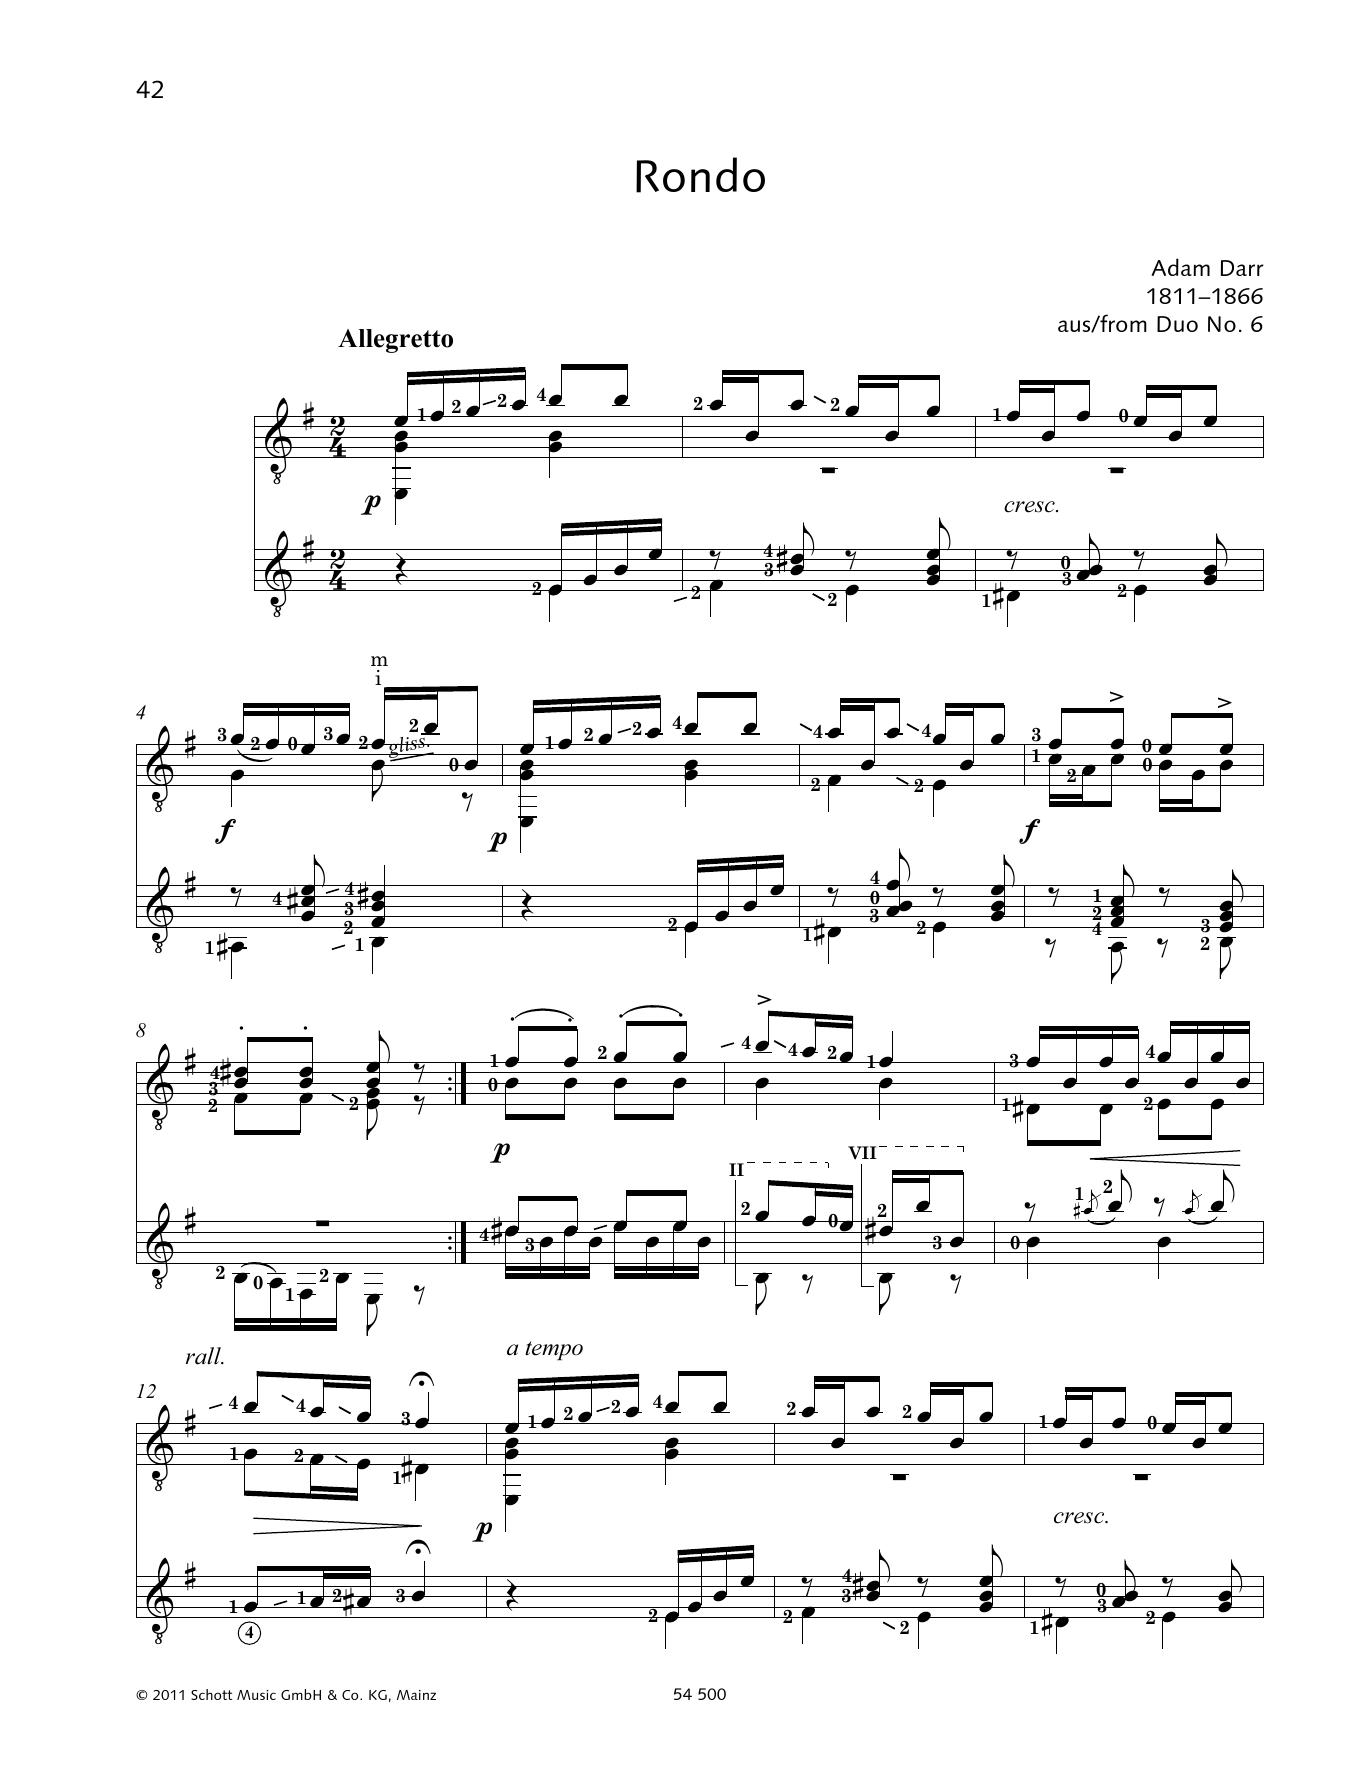 Rondo - Full Score Sheet Music